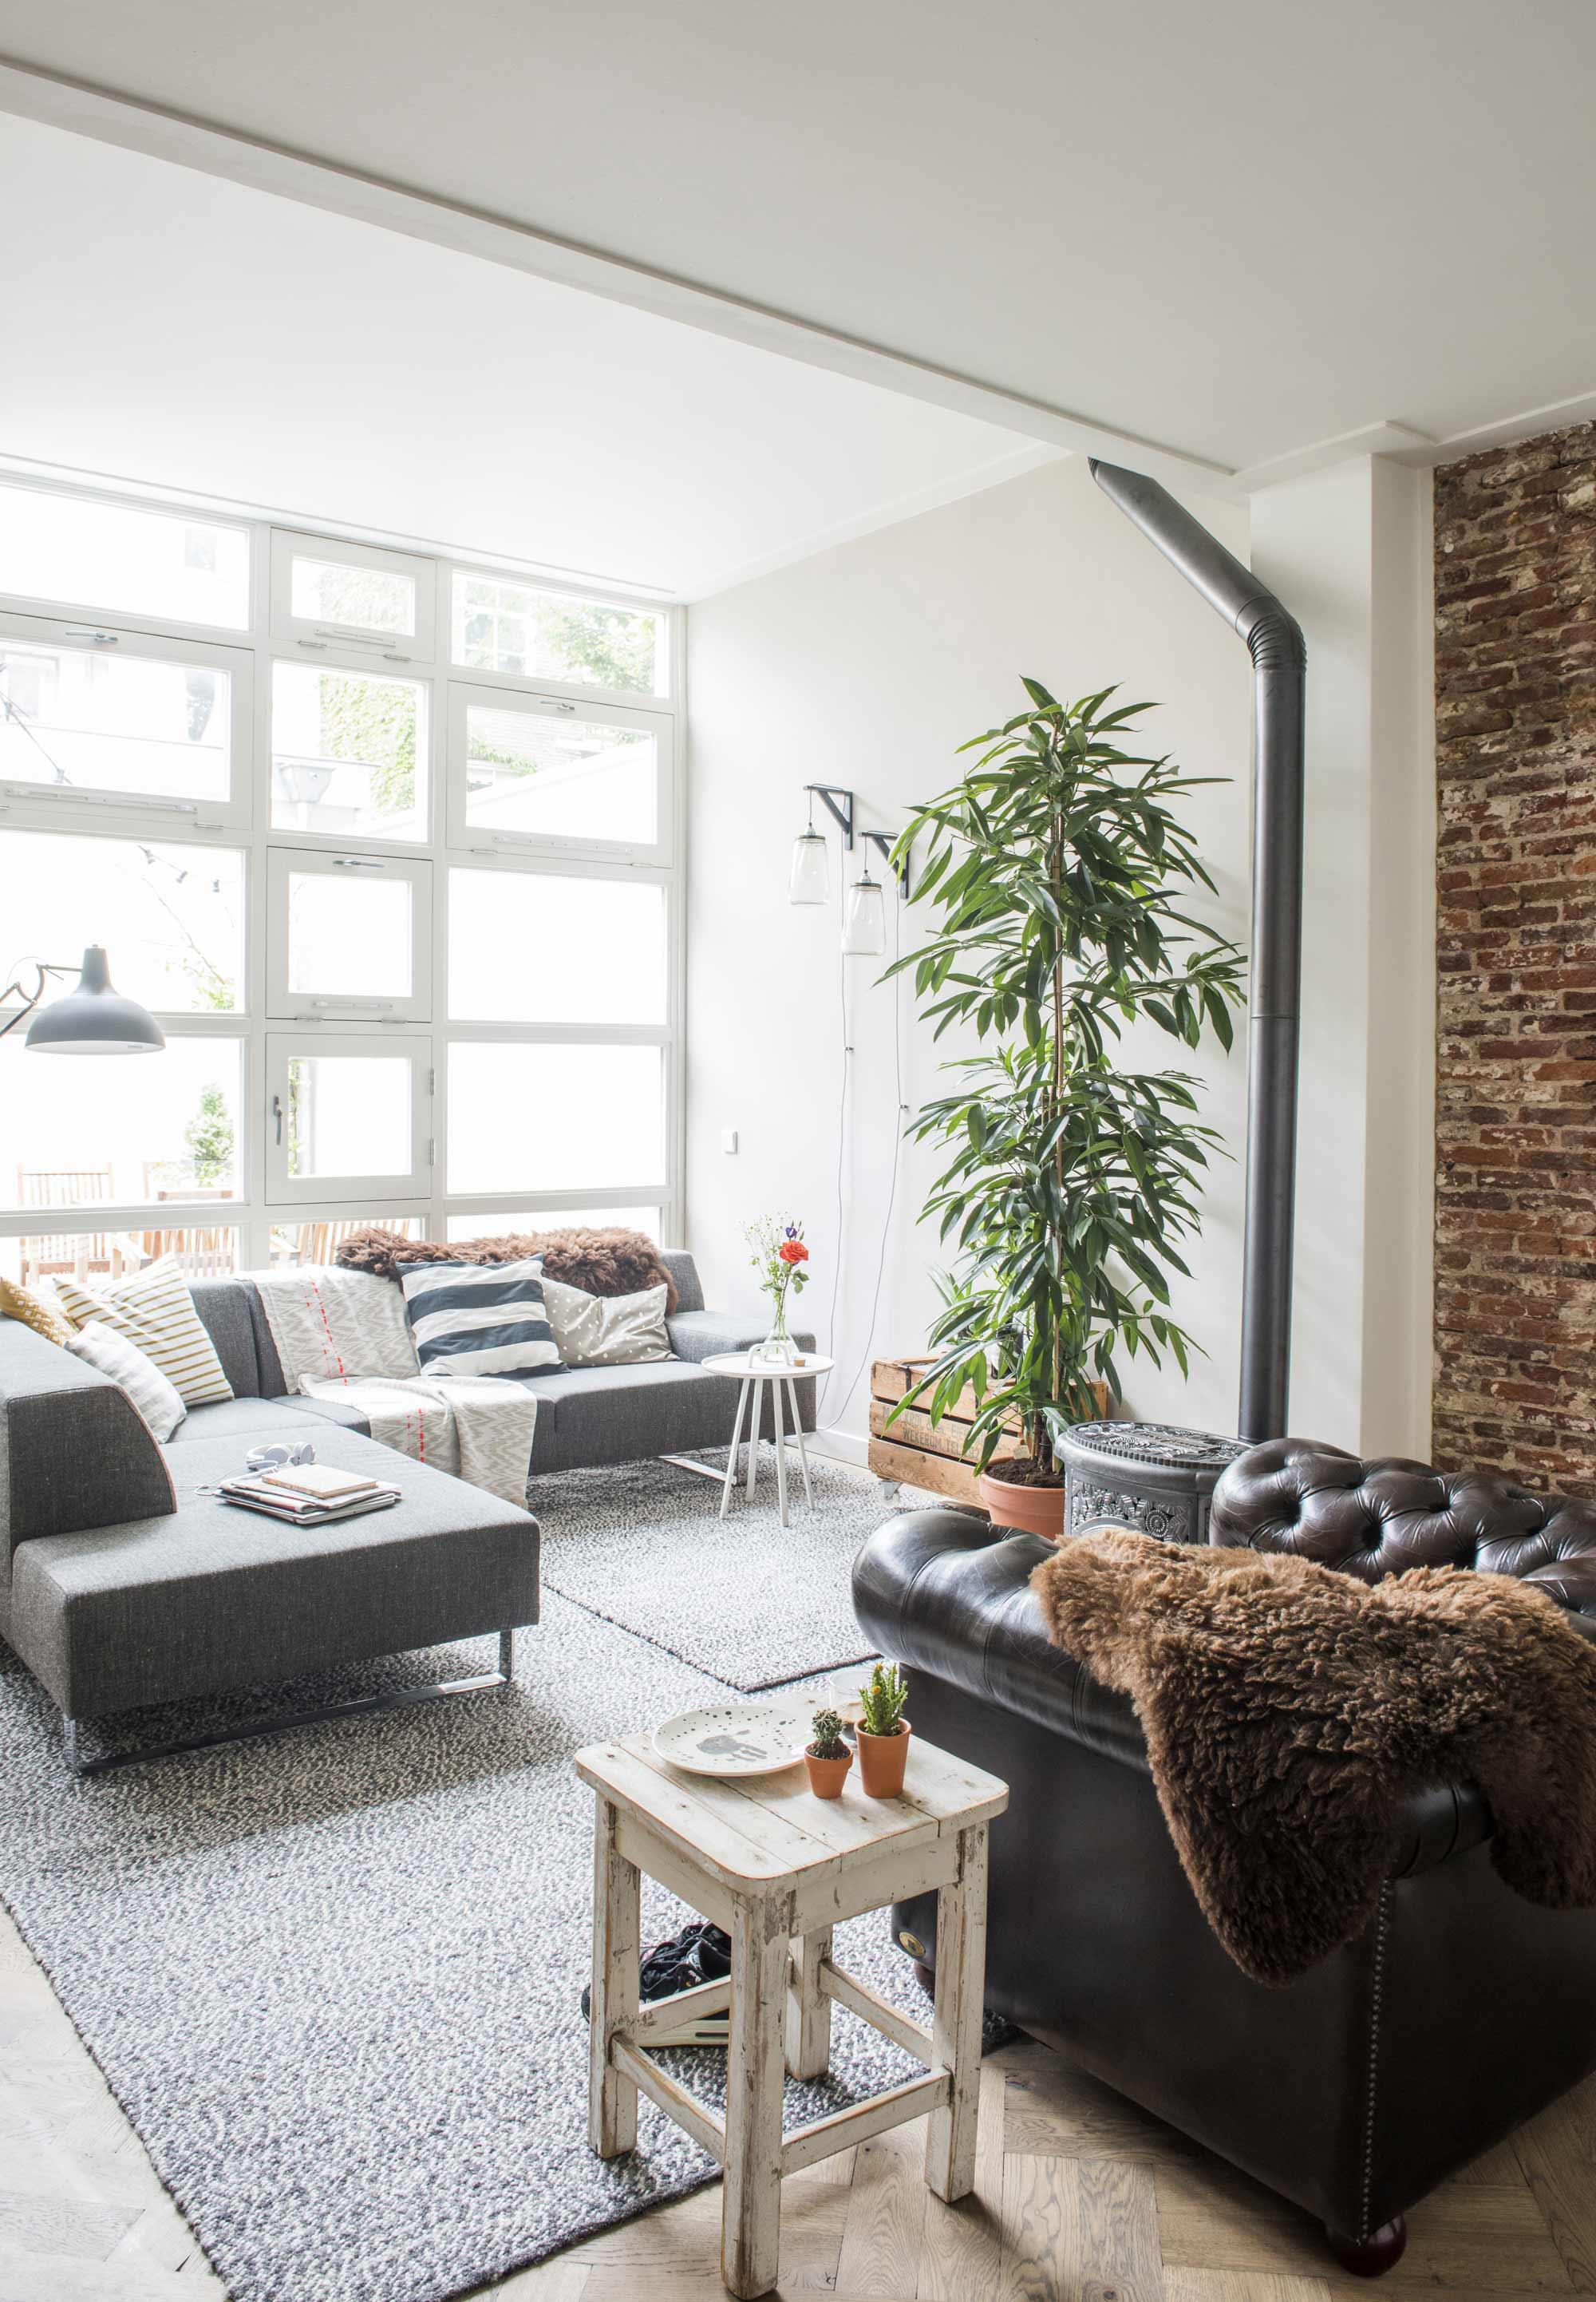 binnenkijker woonkamer inrichting leefruimte